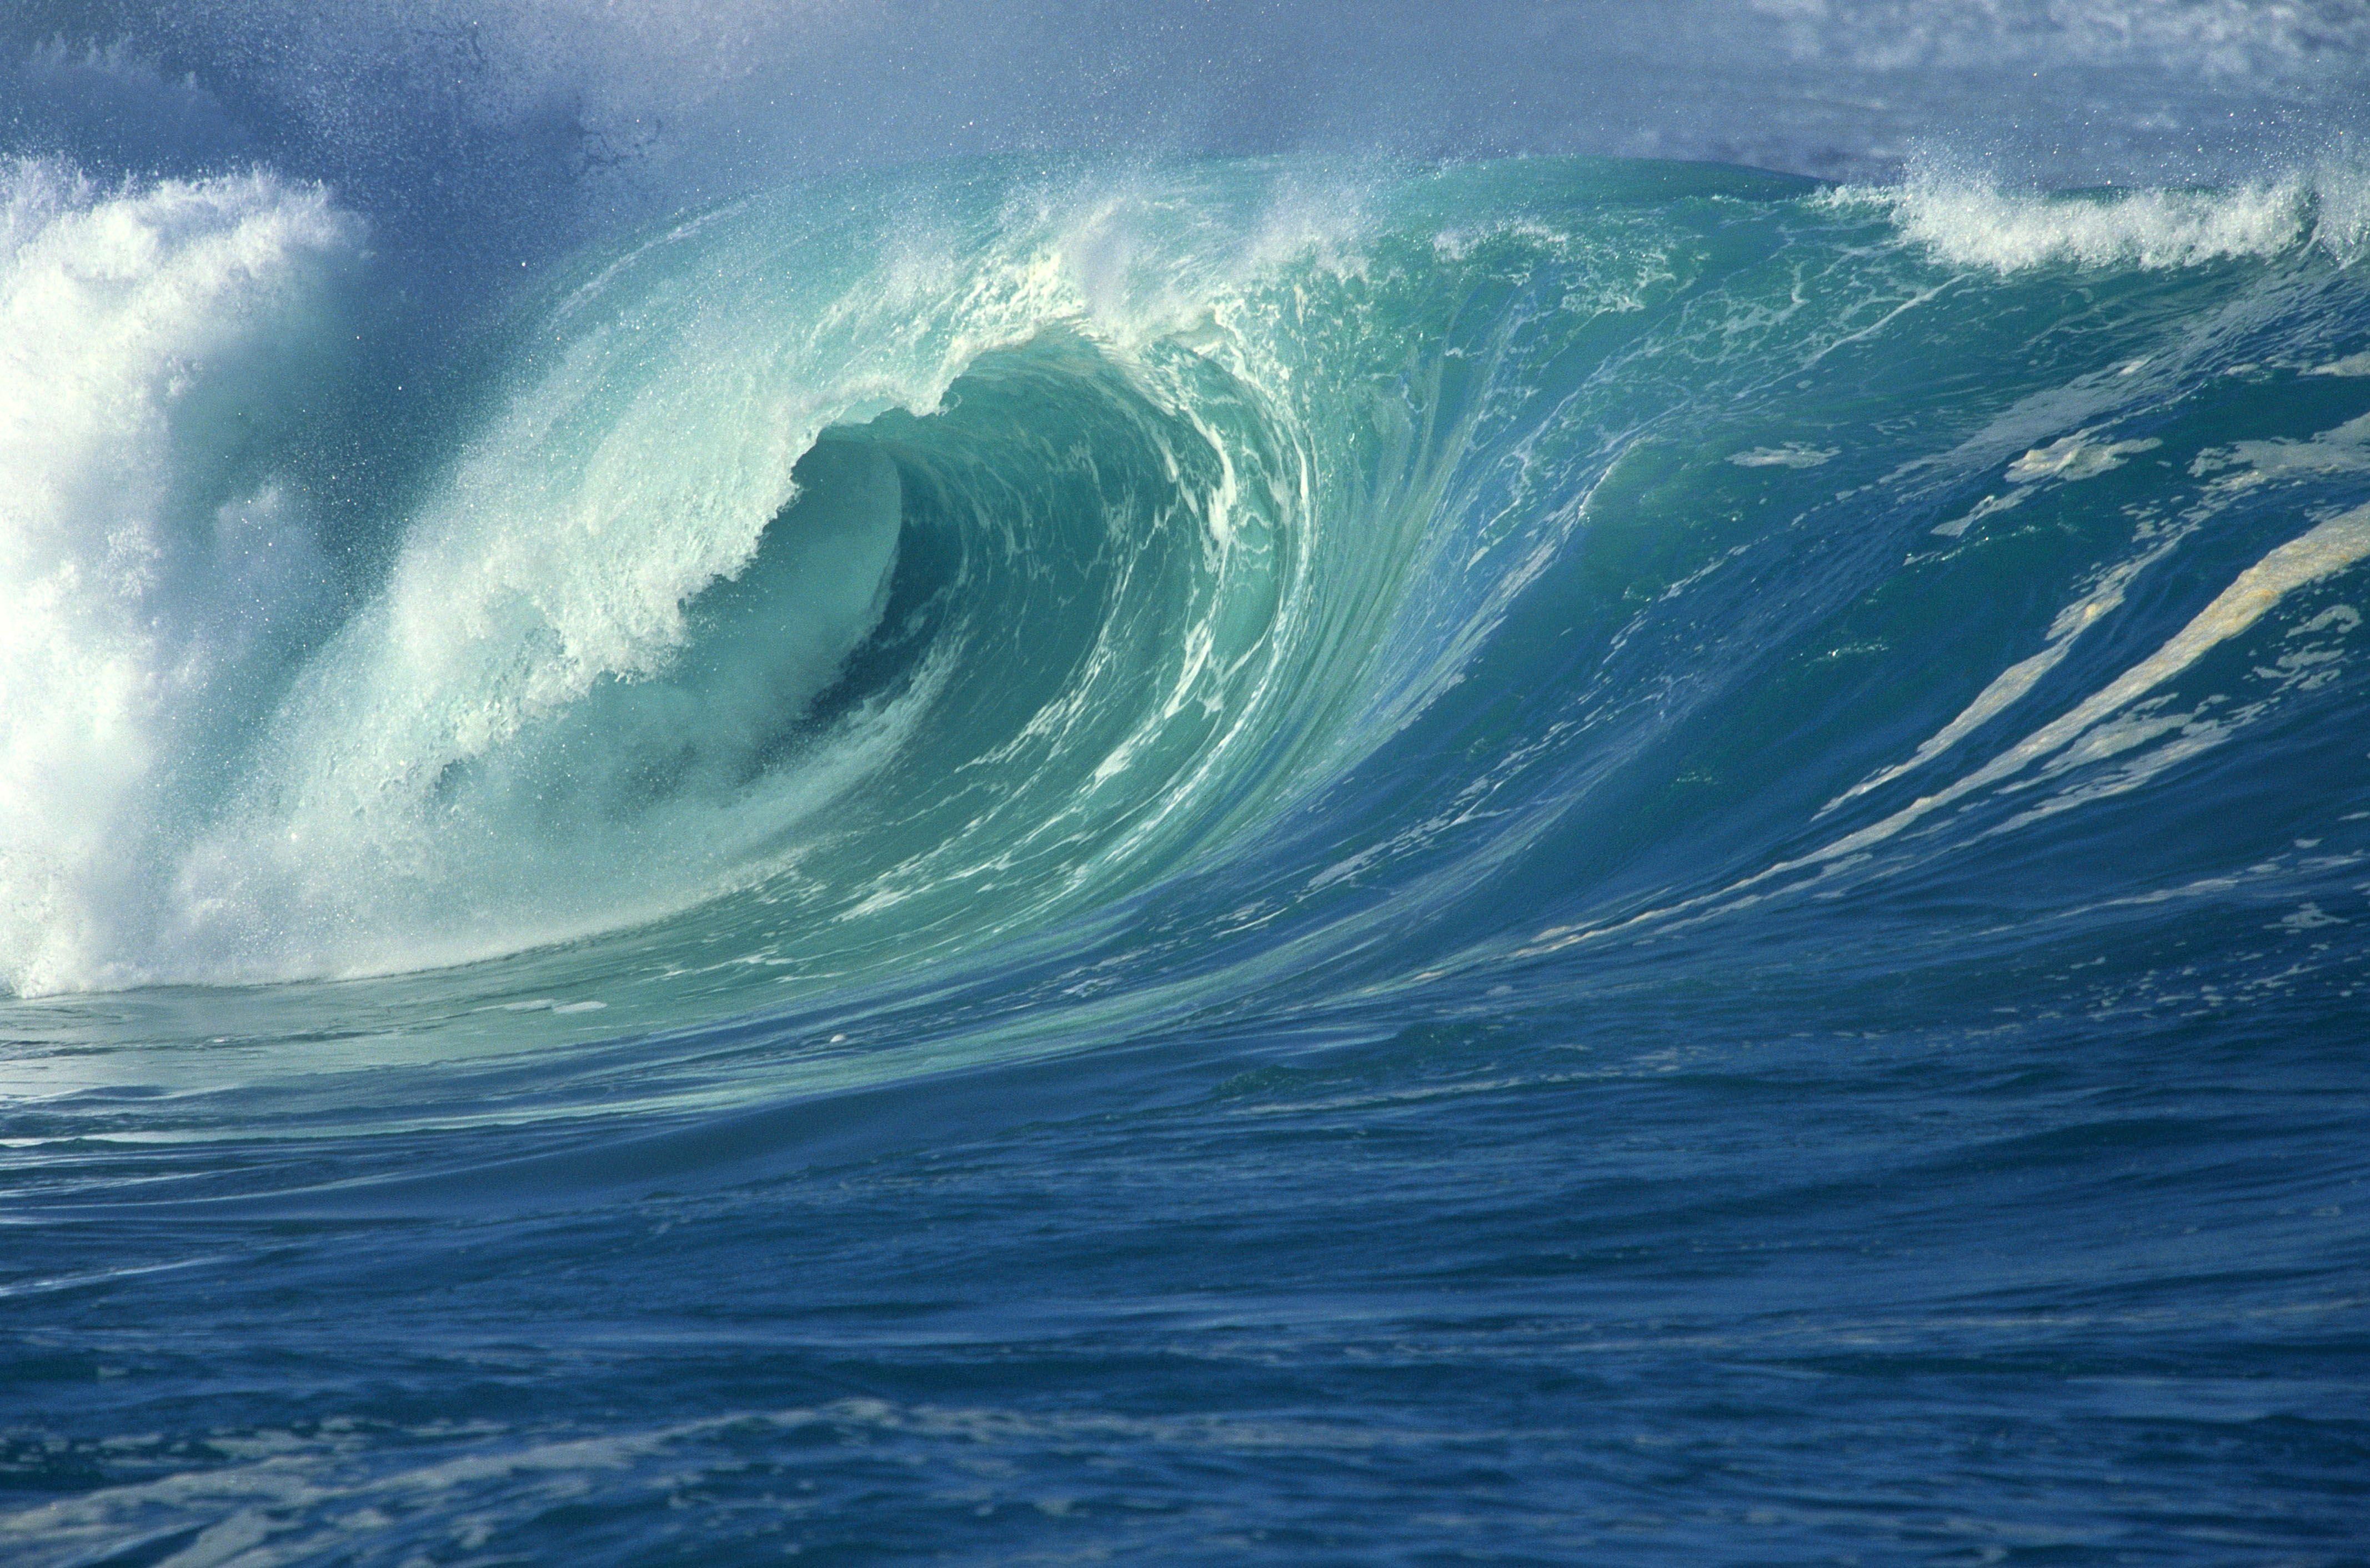 Scaricare gli sfondi mare oceano onde schiuma sfondi for Sfondi desktop mare